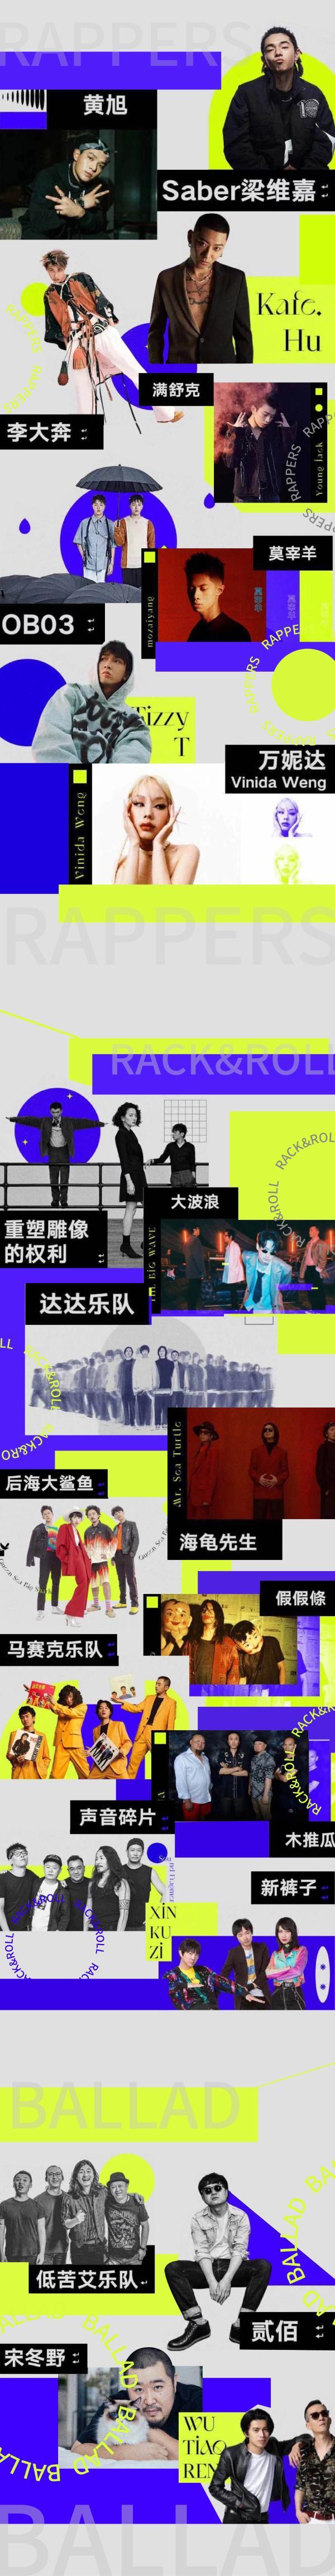 摩登天空与QQ音乐再续约 新裤子、五条人齐聚QQ音乐